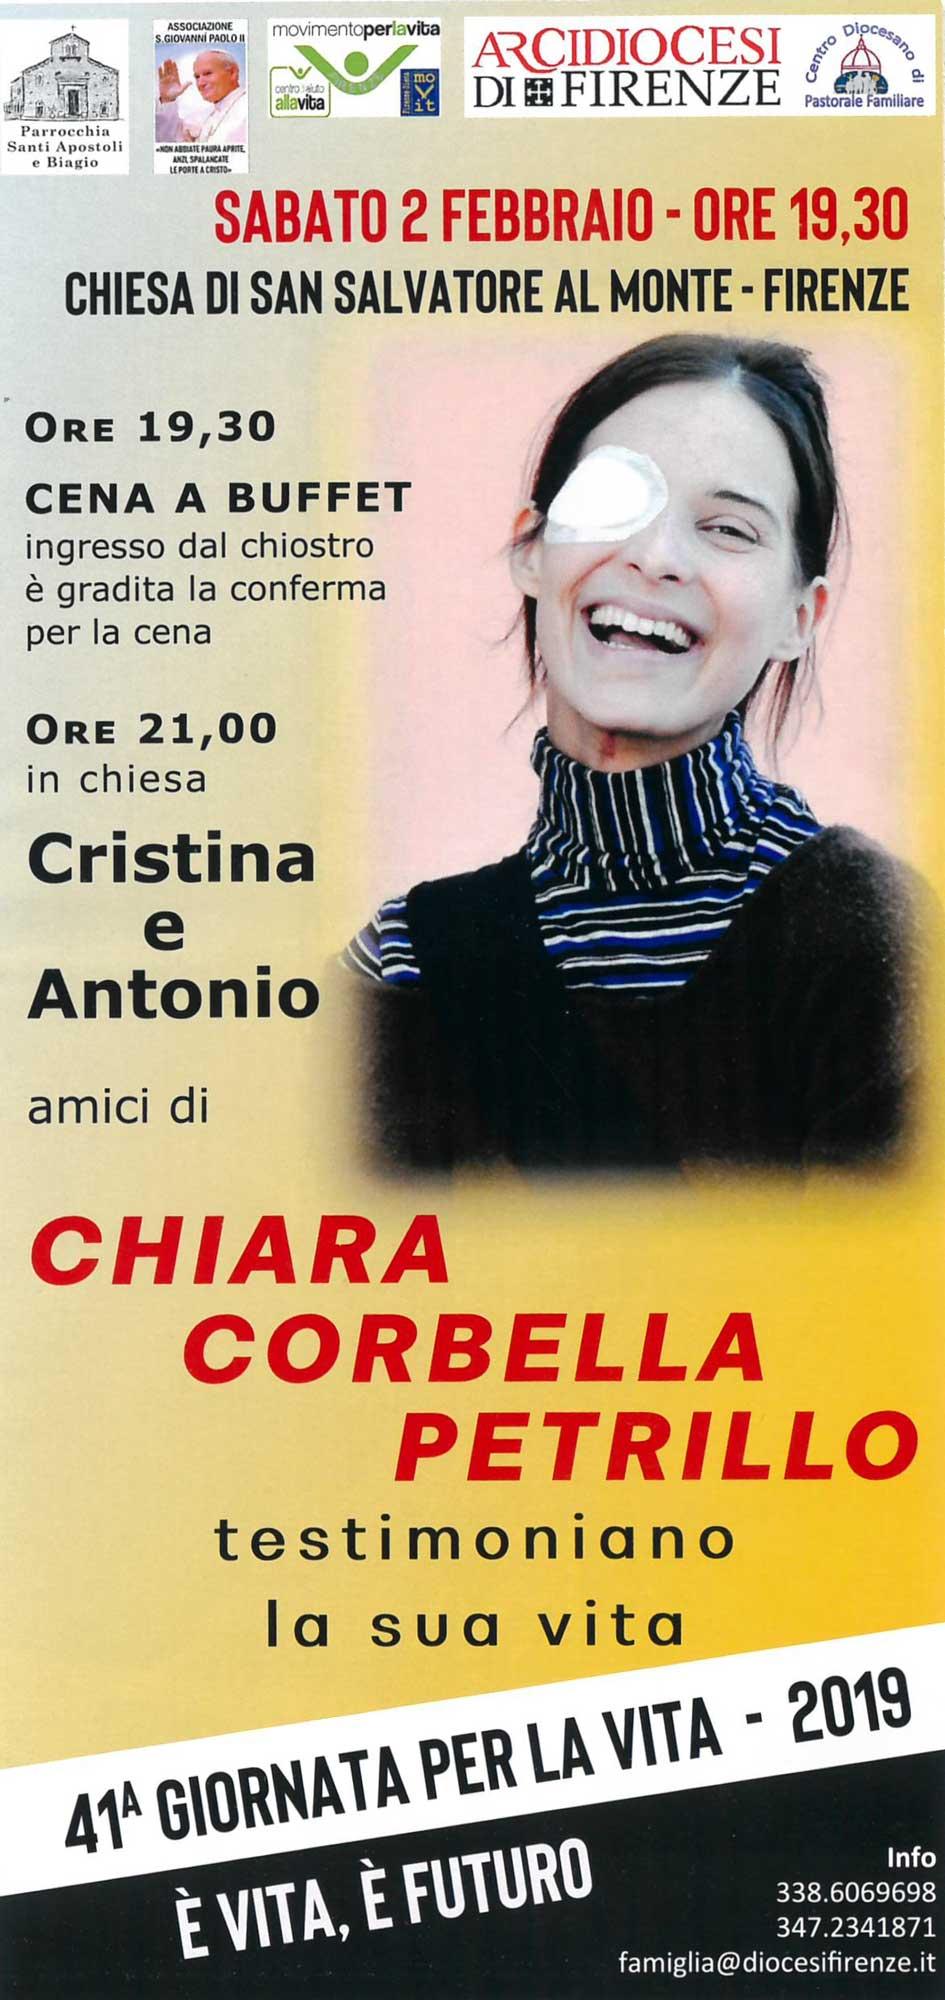 Cristina e Antonio testimoniano la vita di Chiara Corbella